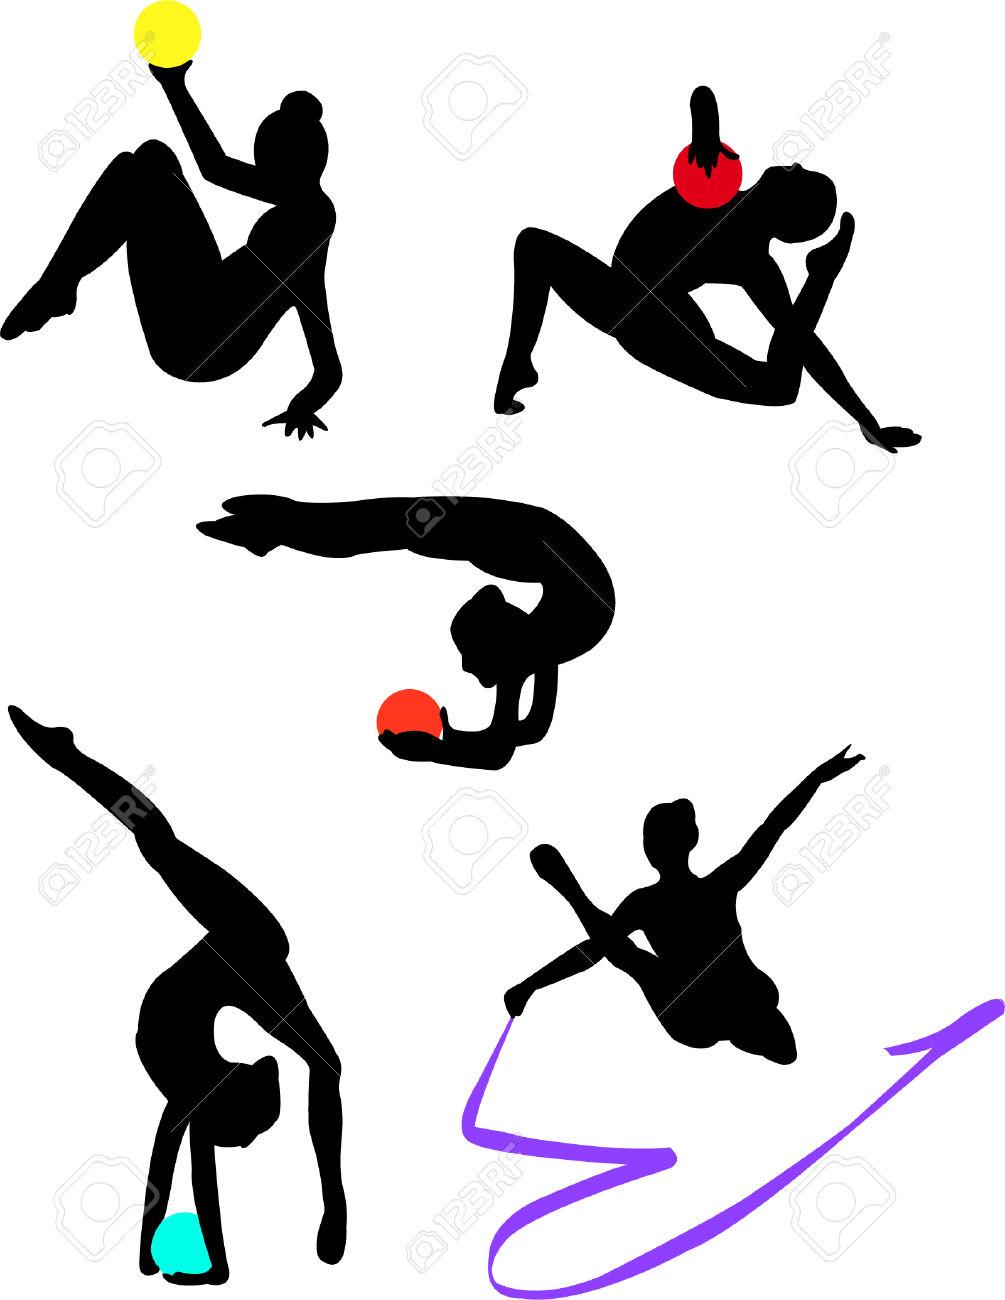 1005x1300 Gymnastics Clipart Artistic Gymnastics